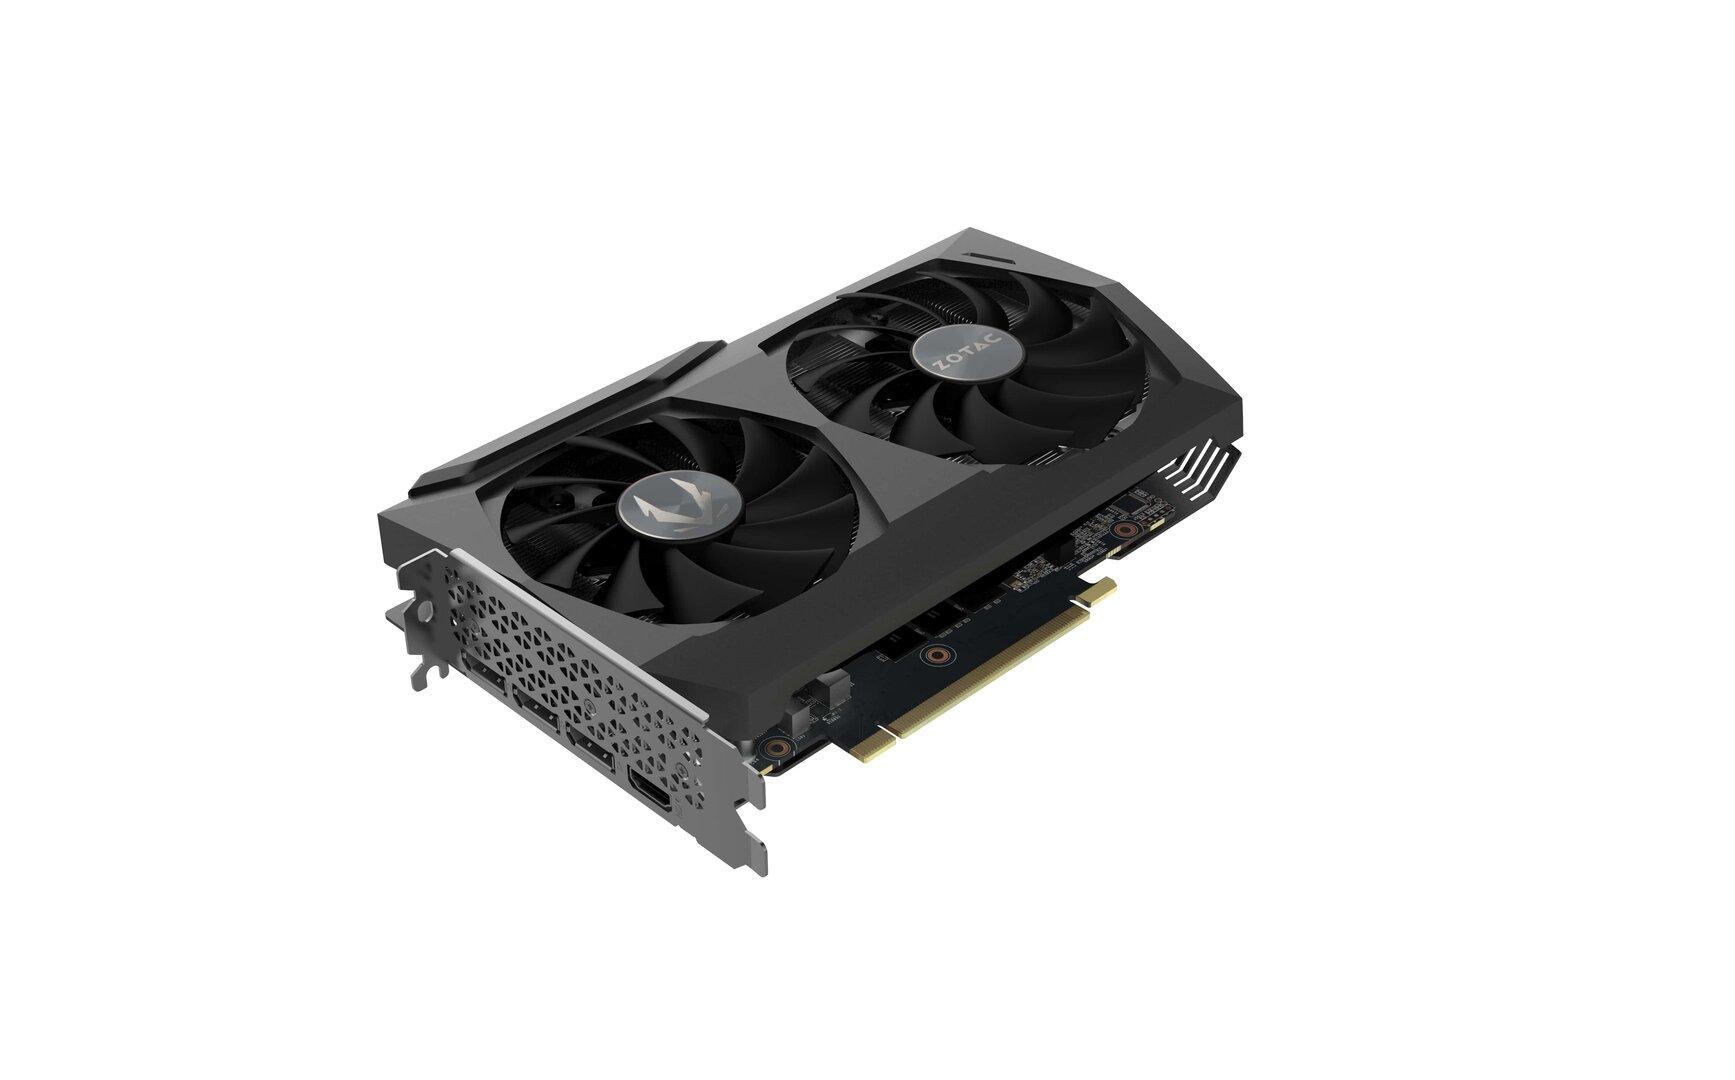 Die GeForce RTX 3070 Twin Edge von Zotac